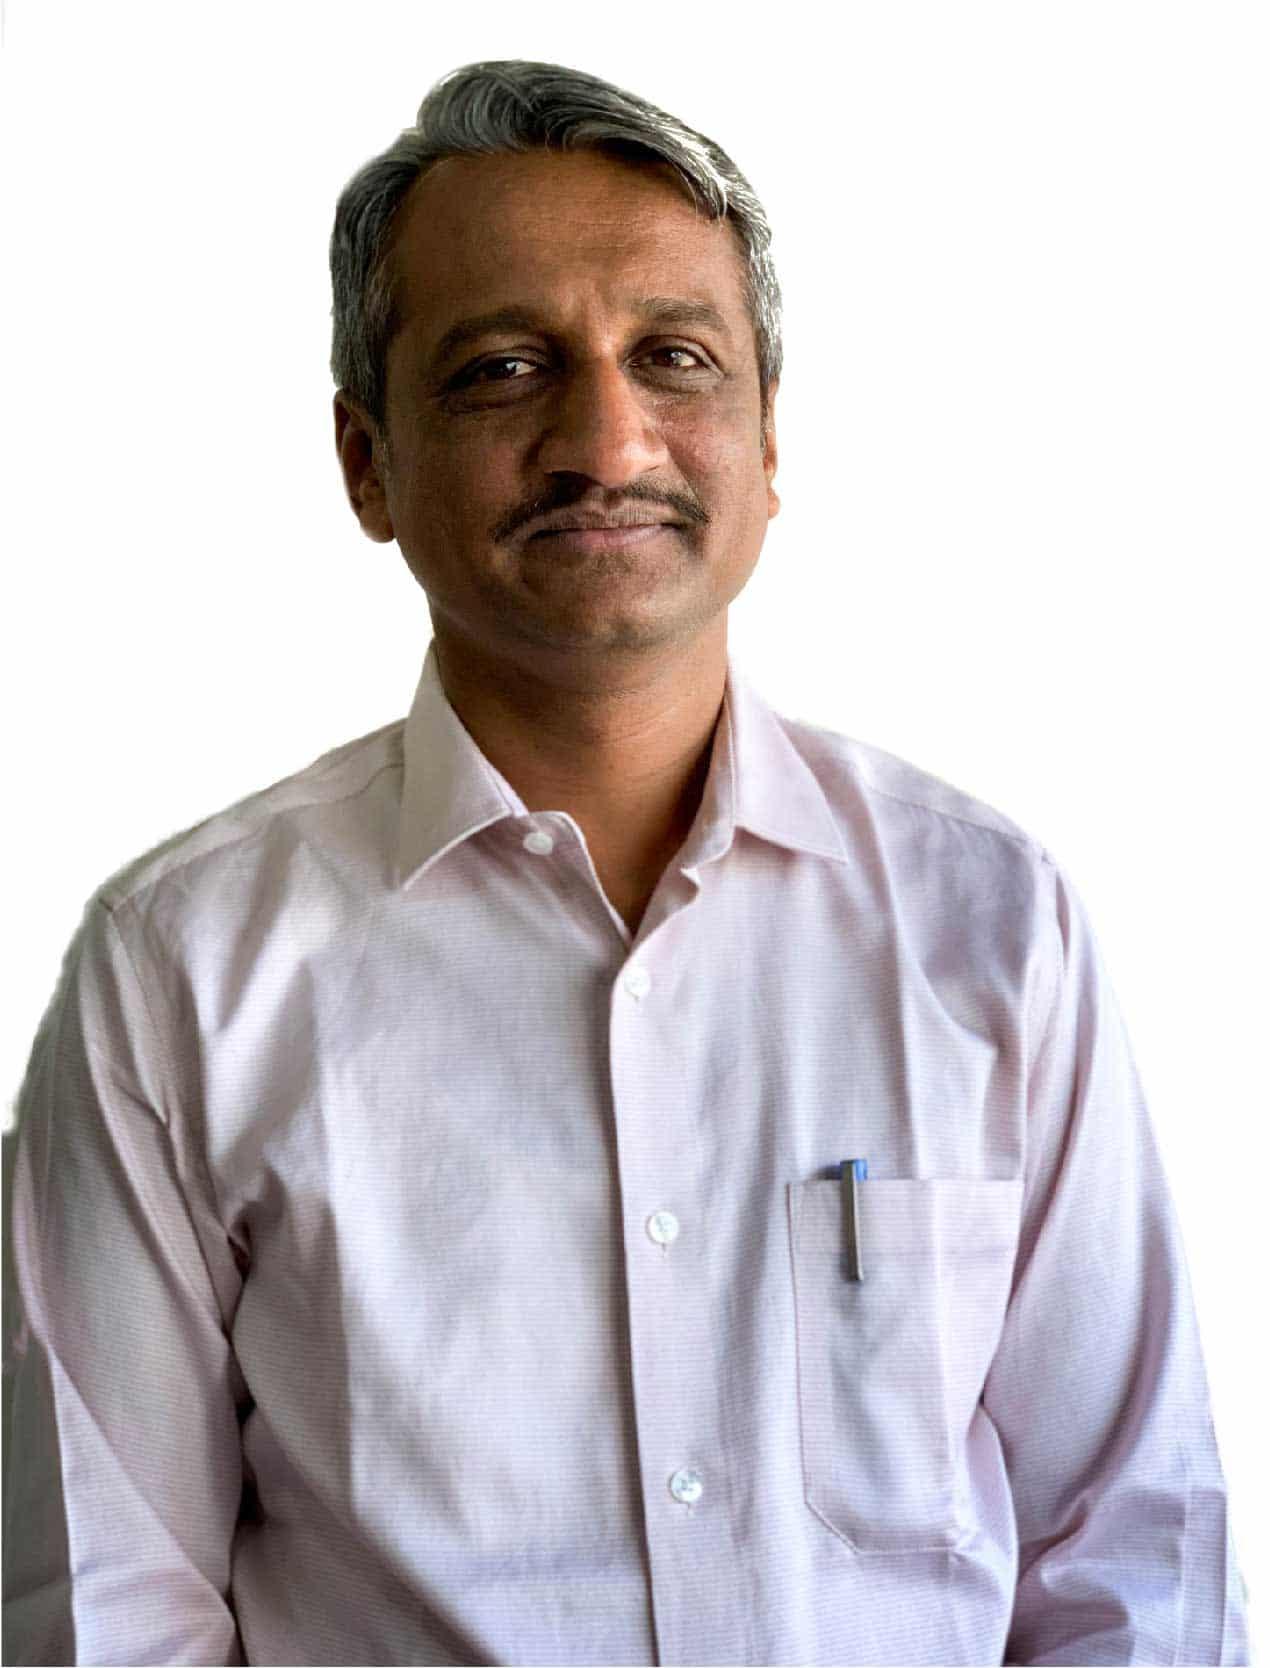 Ranjit Patil